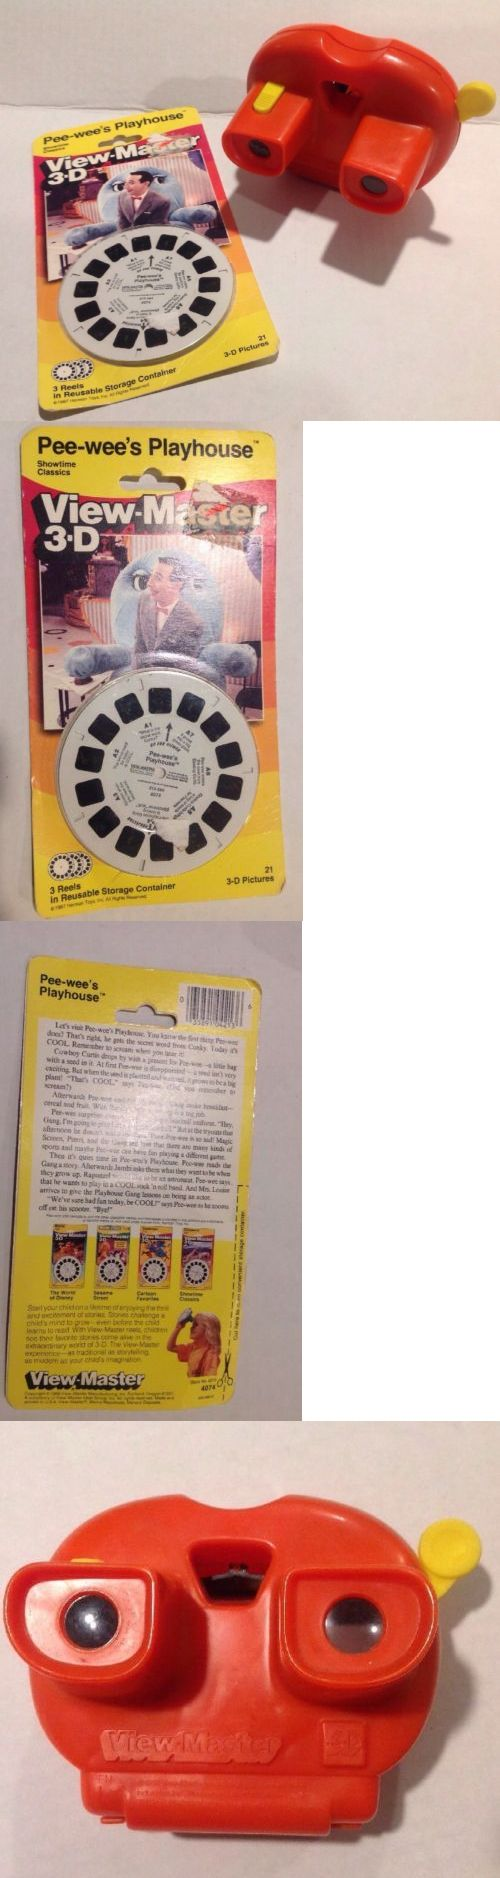 Pee-Wee Herman 20917: Vintage Lighted Viewmaster 3D And 1987 Pee Wee Herman 3 Reels Pee Wee Playhouse -> BUY IT NOW ONLY: $49.99 on eBay!